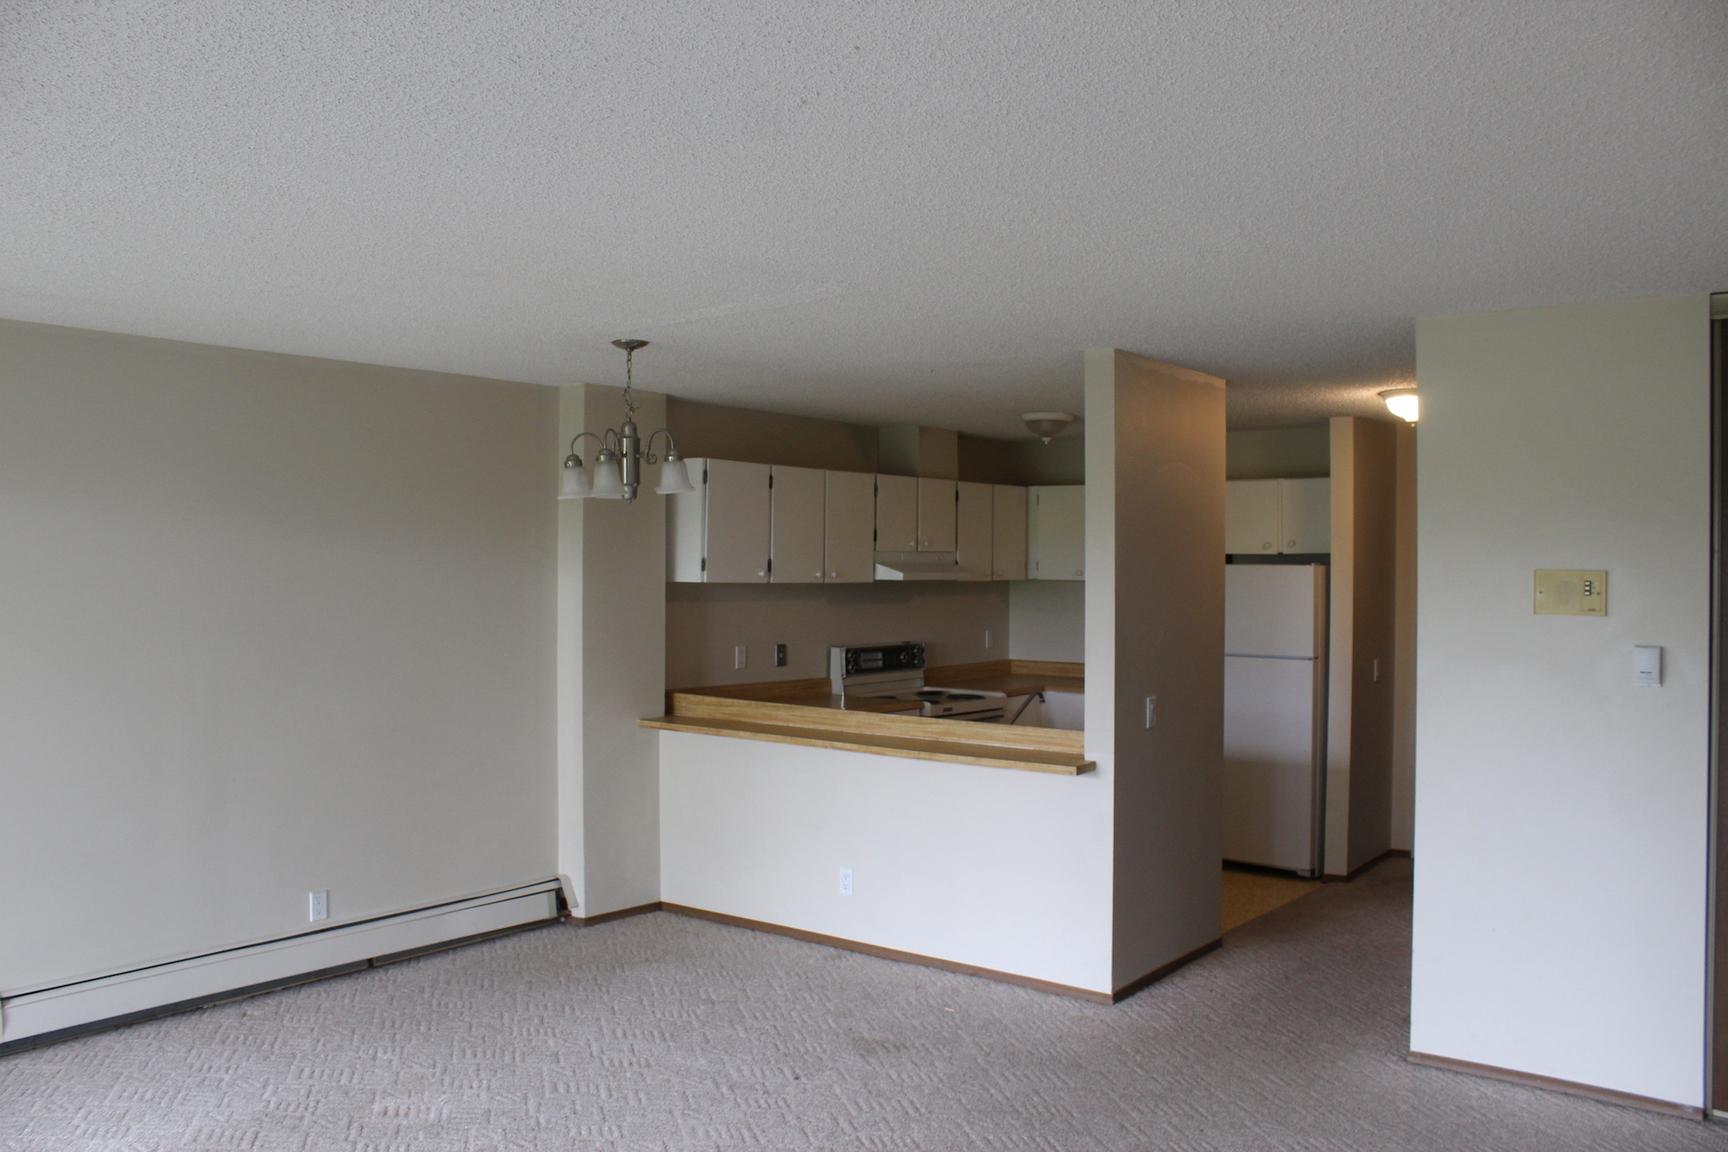 2416 14A street SW, Calgary, AB - $1,300